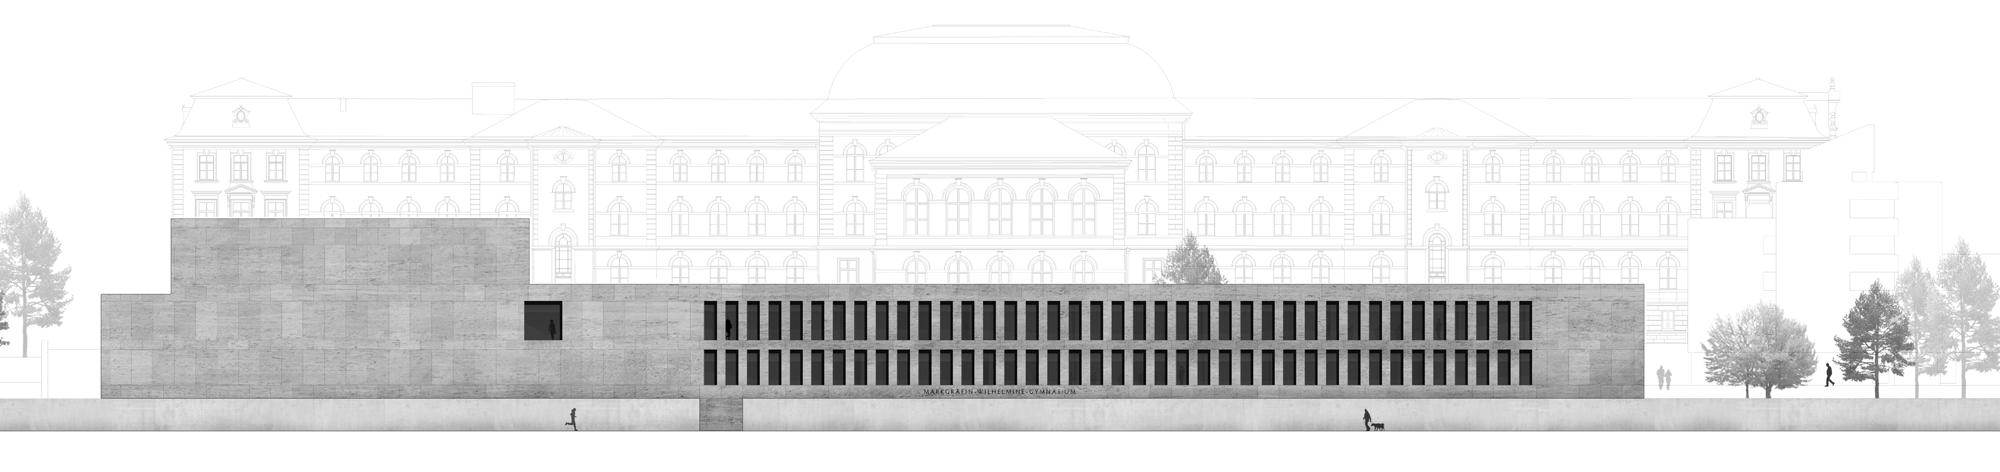 Herbert Hussmann Architekten Erweiterung Markgräfin-Wilhelmine-Gymnasium Schule Ansicht